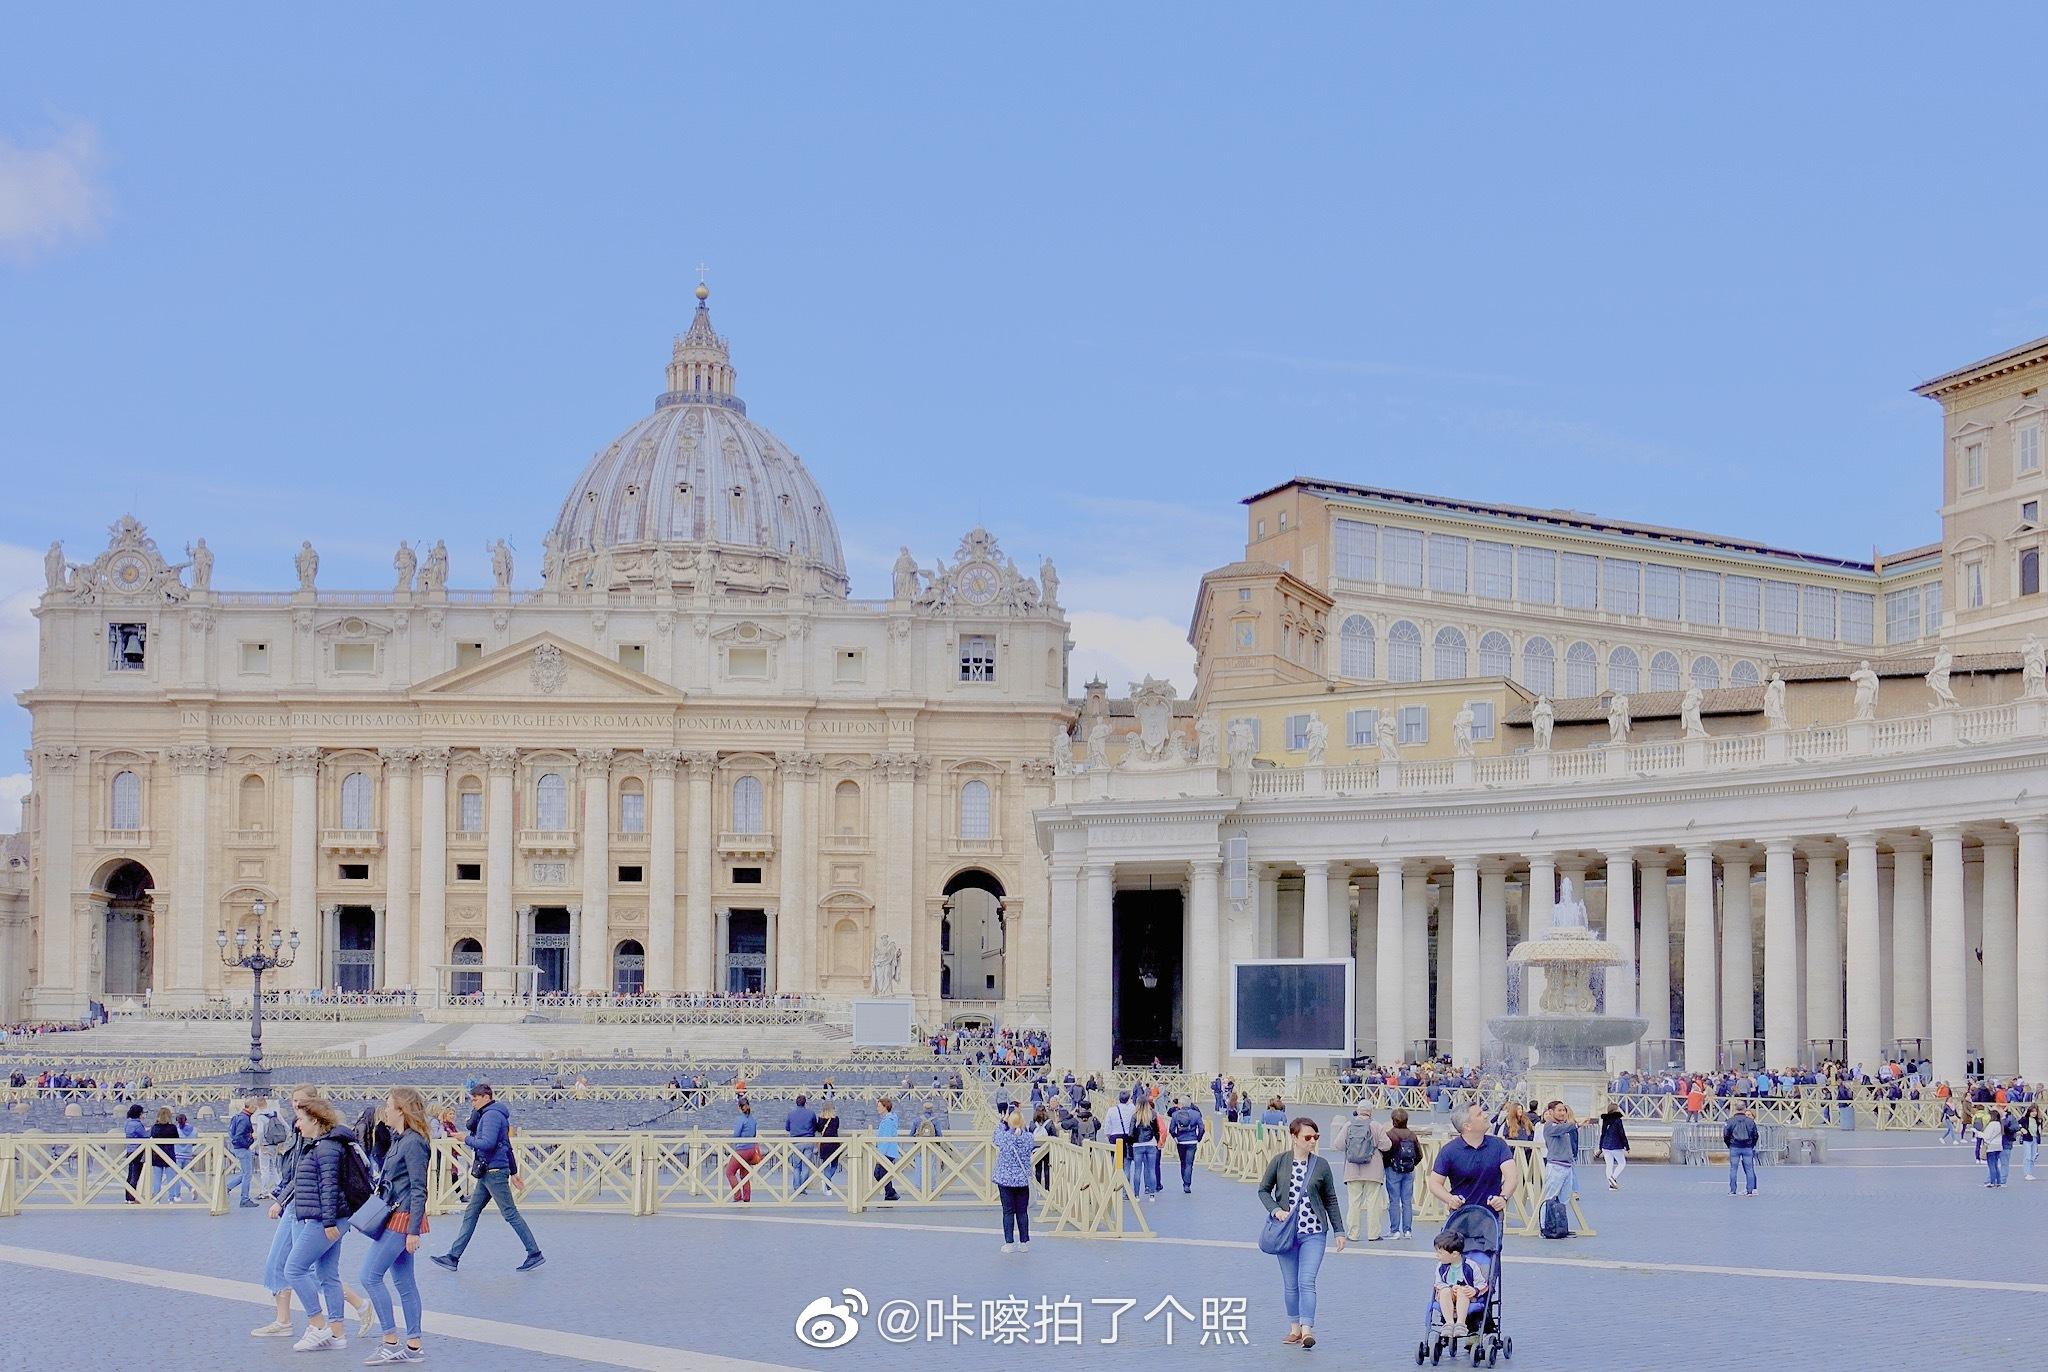 世界上最小的国家国中国袖珍梵蒂冈